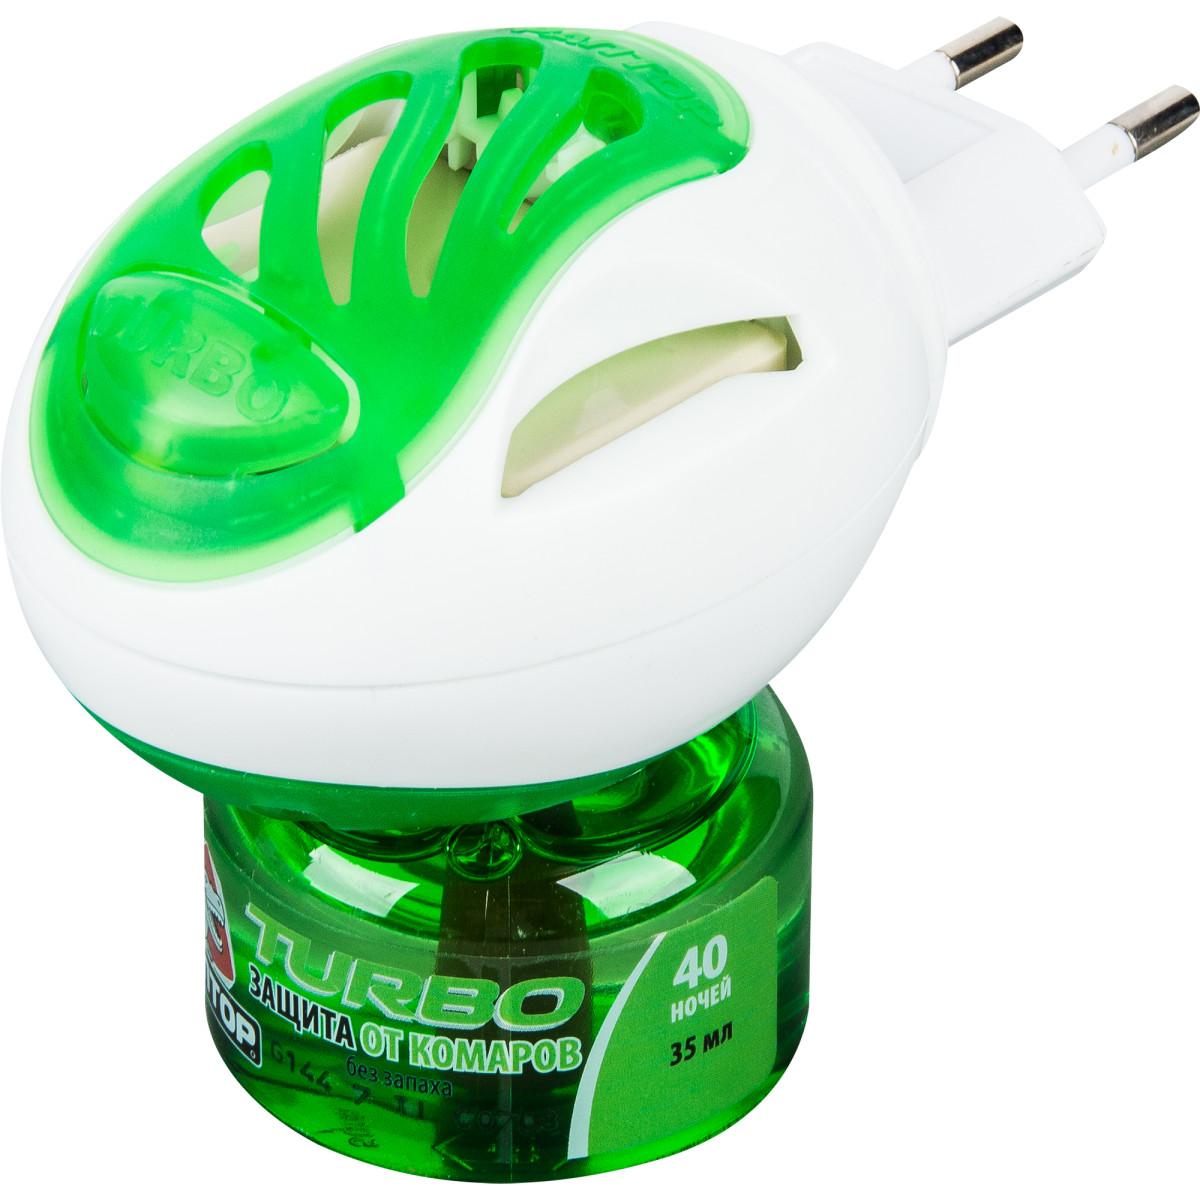 Комплект Раптор Turbo фумигатор и жидкость без запаха 40 ночей